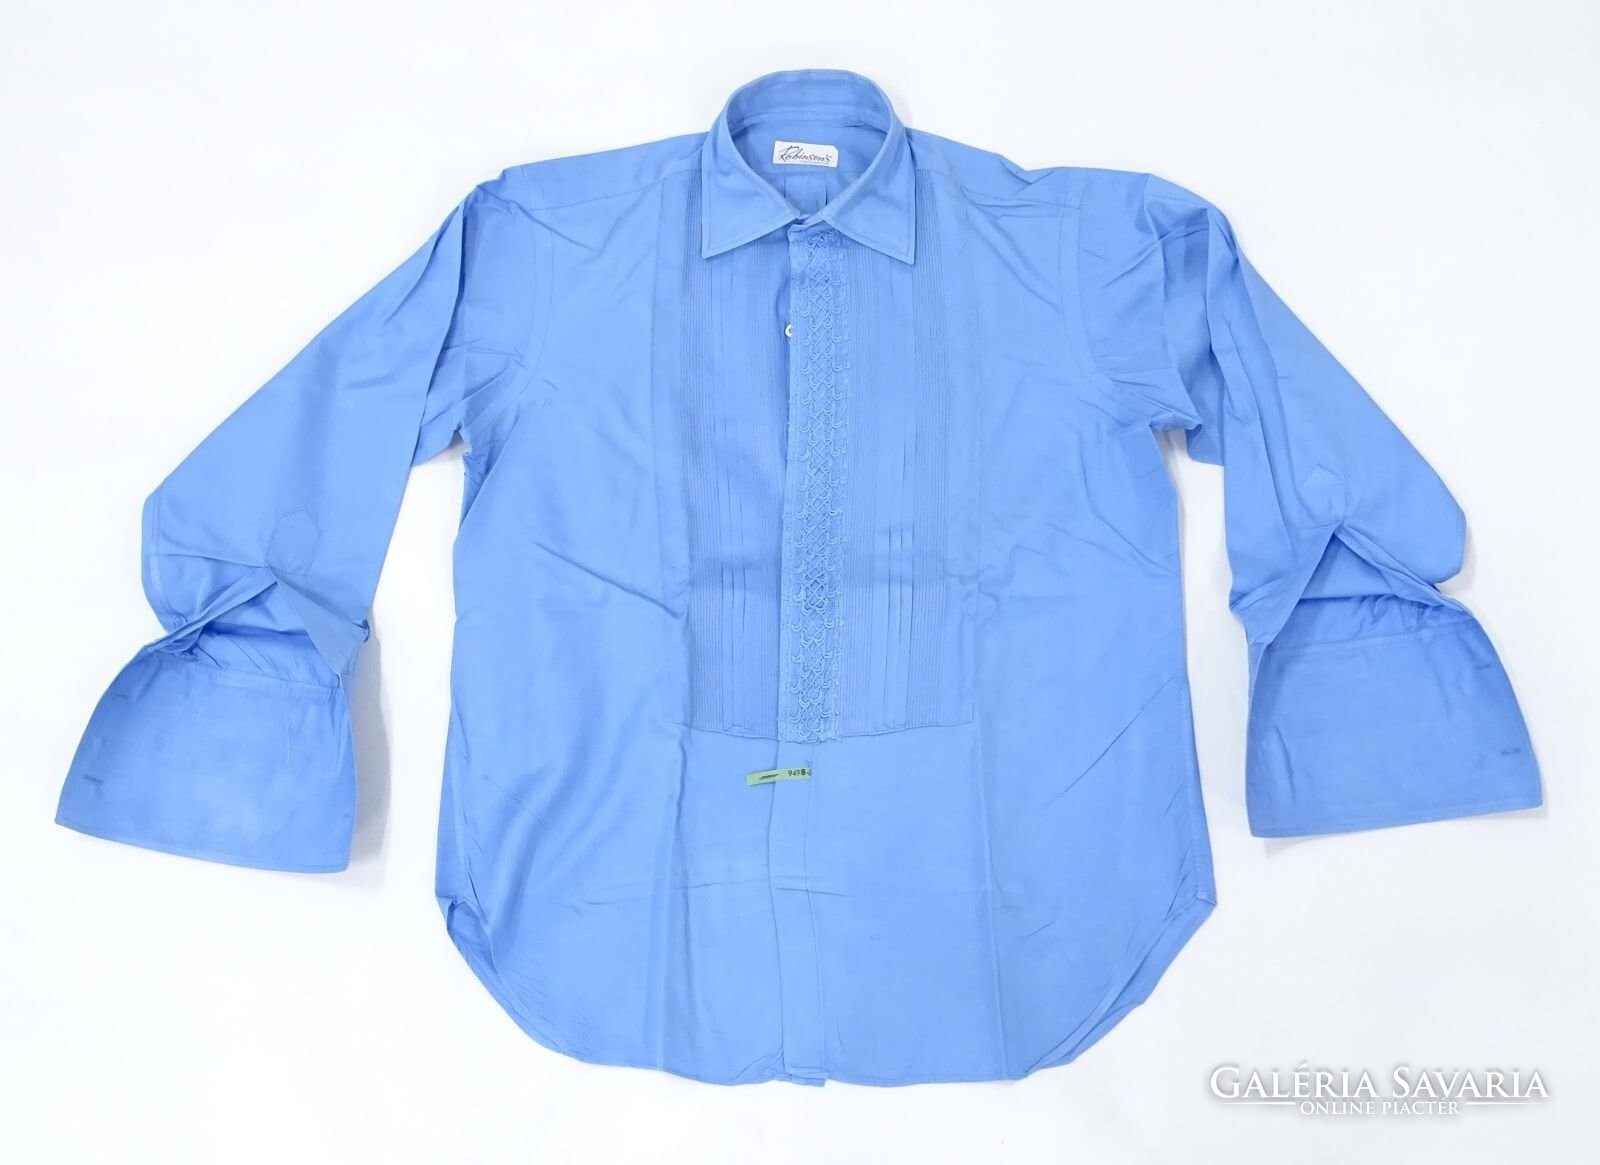 a54bf35911 0U773 Gyönyörű Robinson's California kék férfi ing - Wardrobe ...